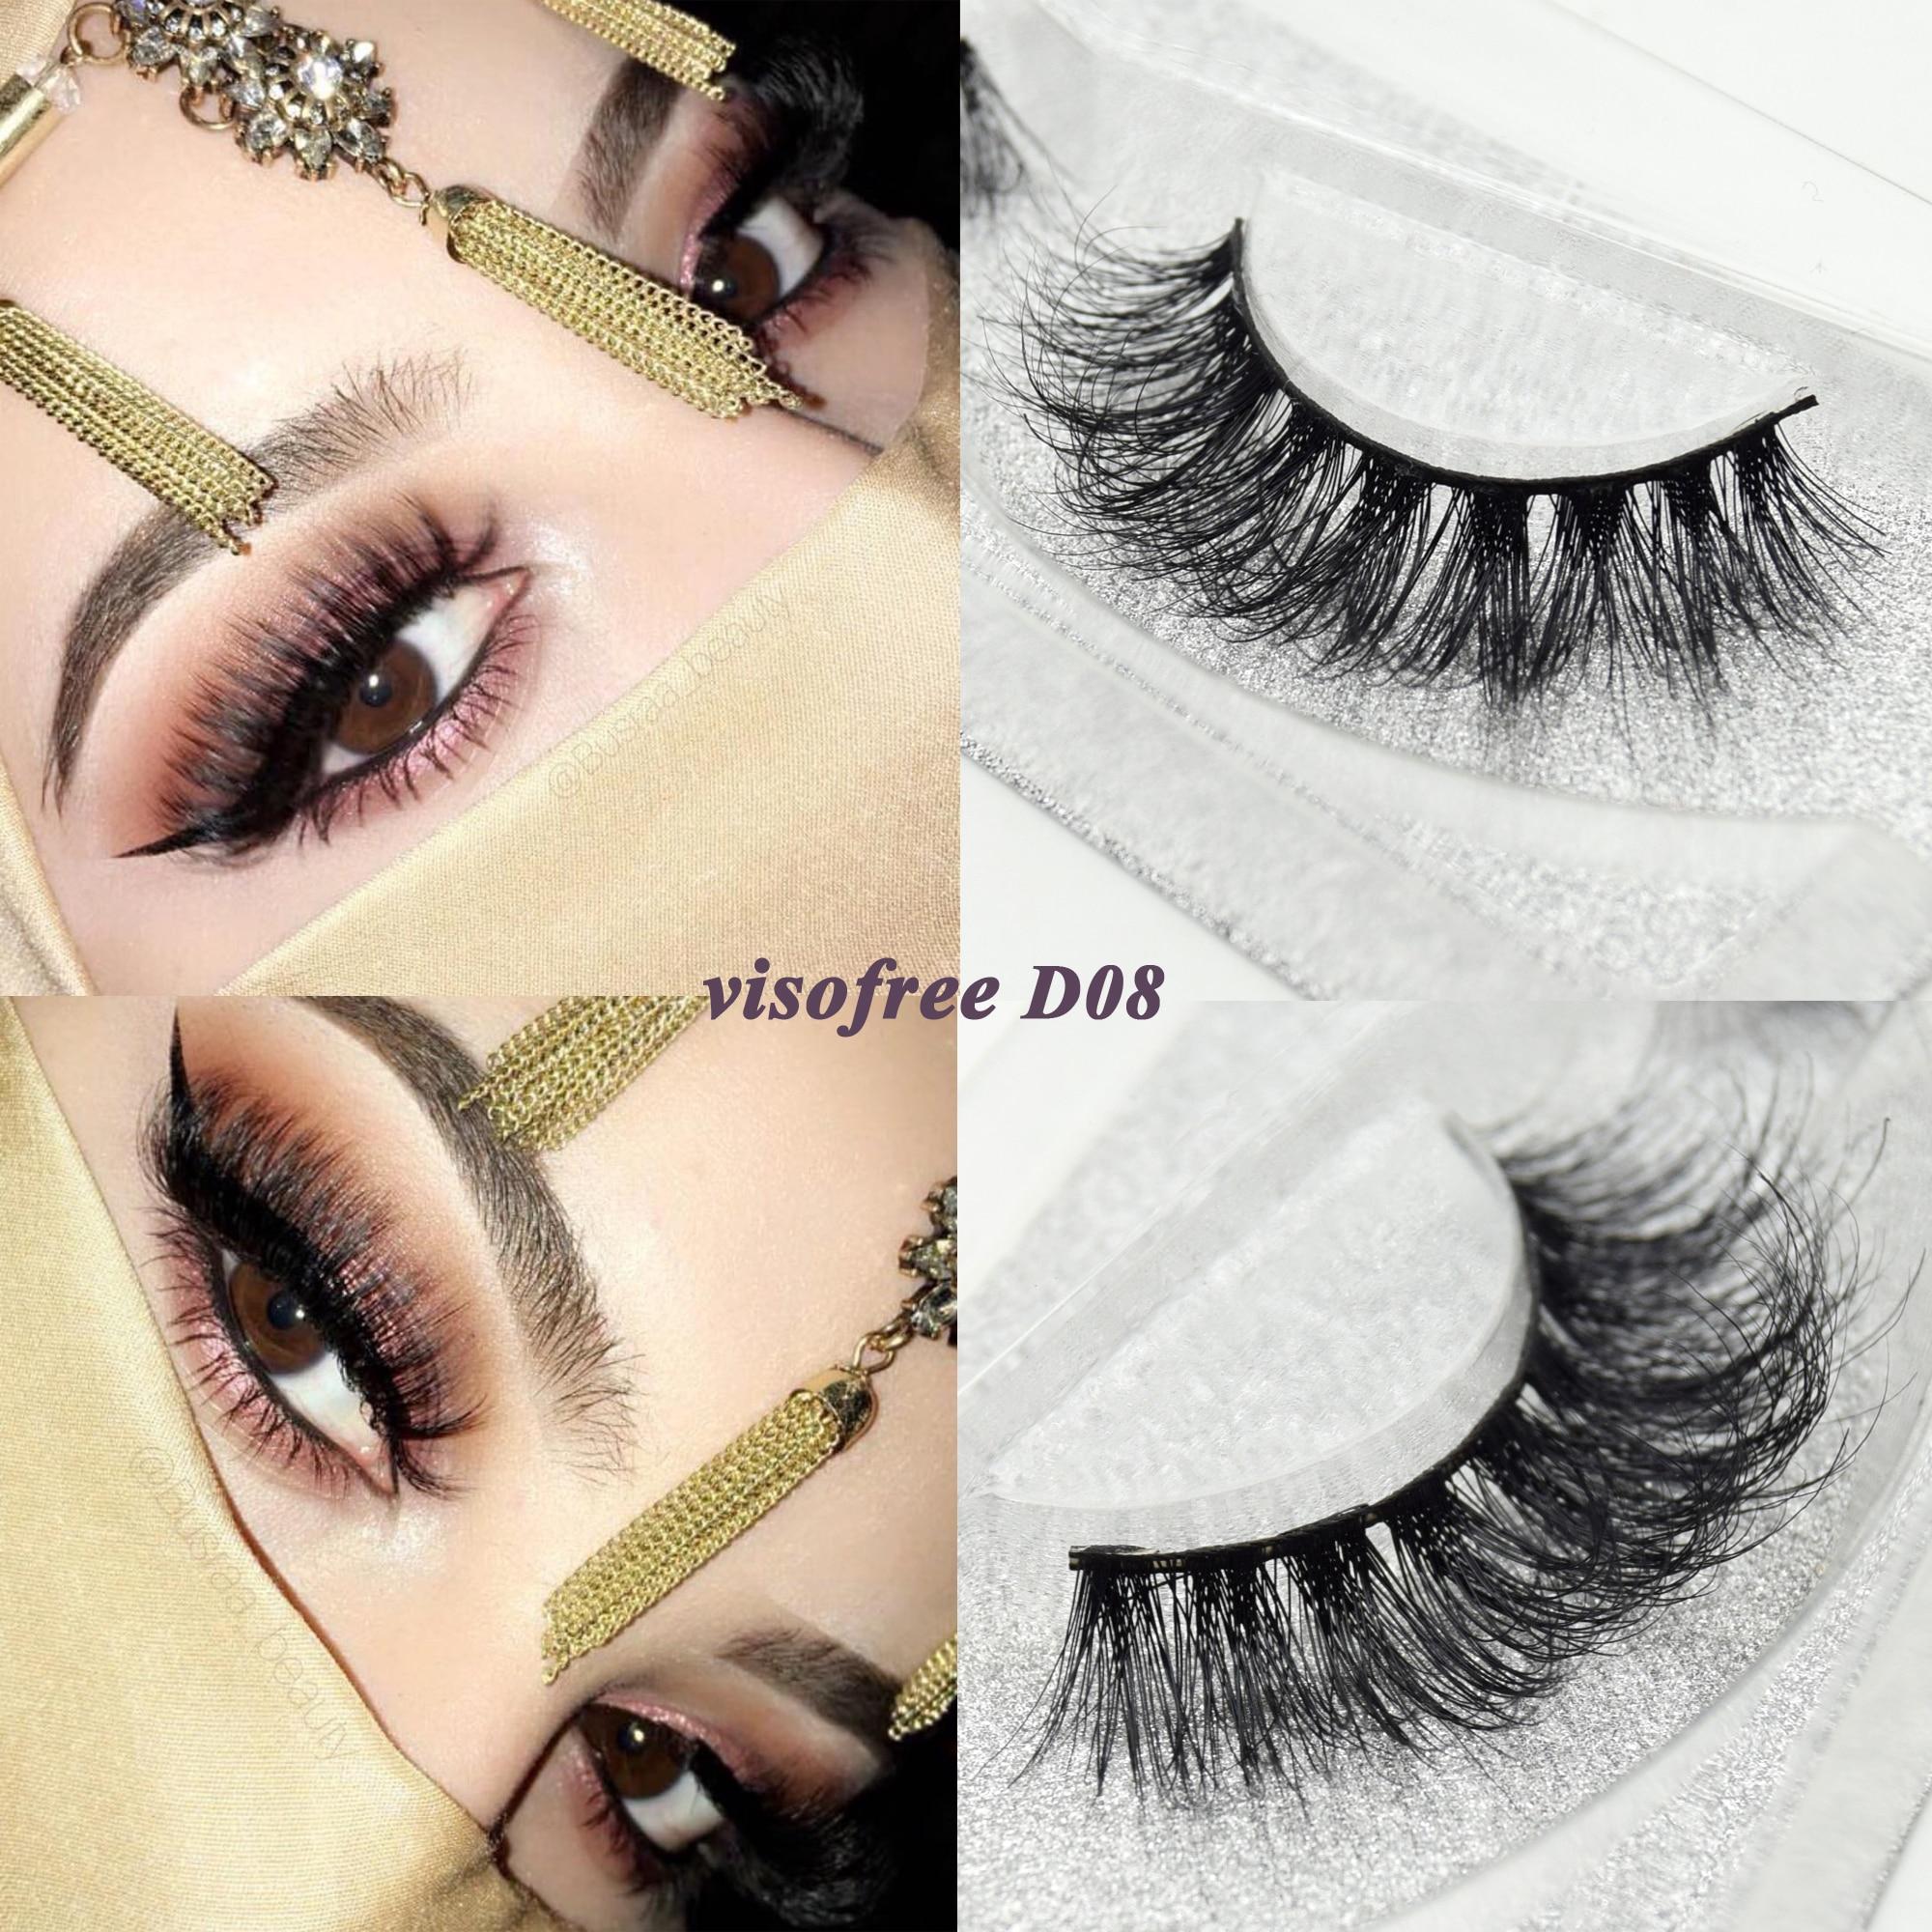 f16e0fca8dc Visofree eyelashes 3D mink eyelashes long lasting mink lashes natural  dramatic volume eyelashes extension false eyelashes D08 ~ Top Deal July 2019